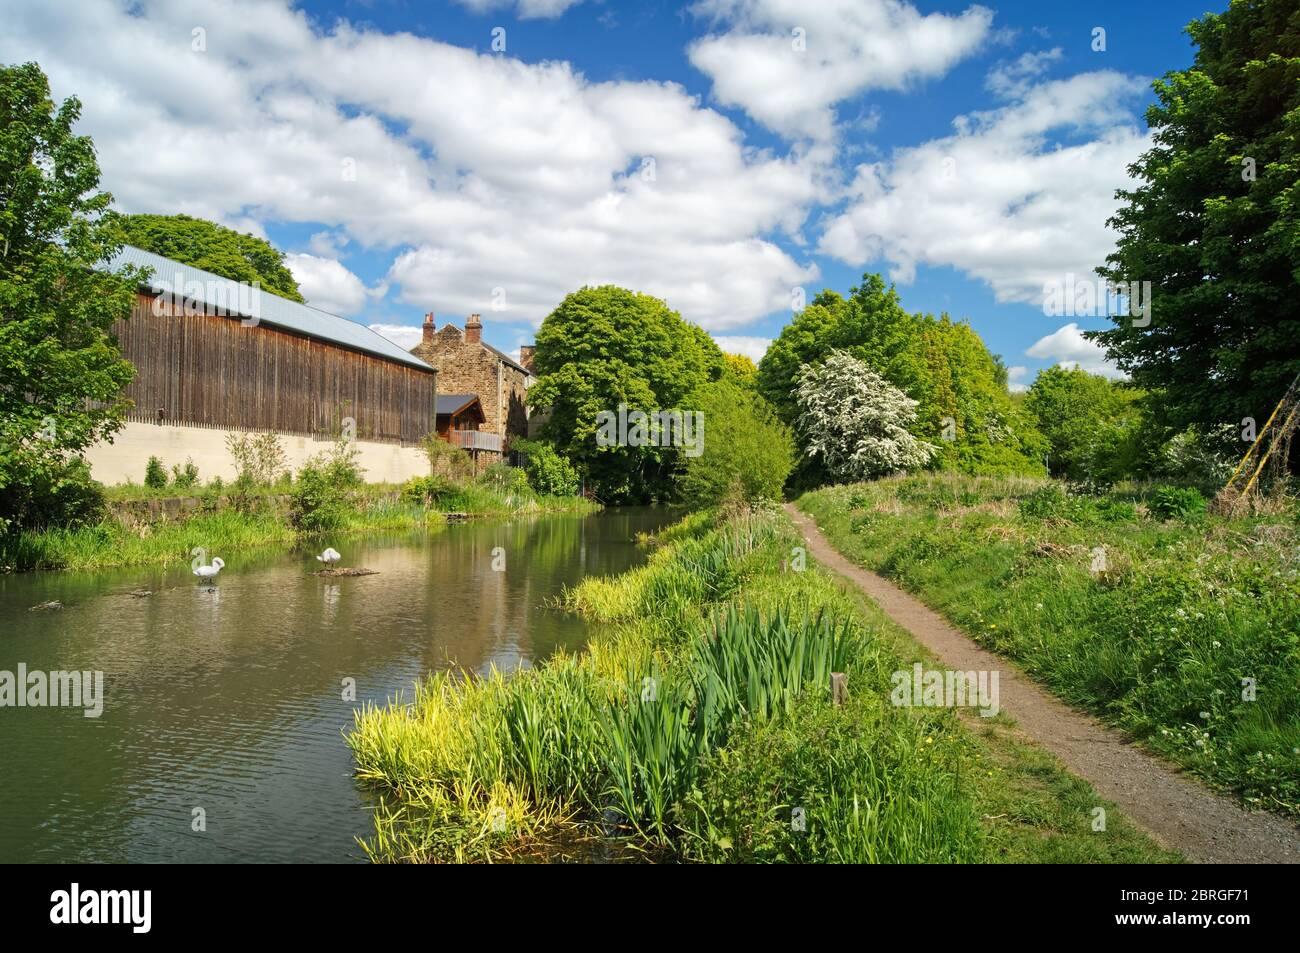 Reino Unido, South Yorkshire, Elsecar, edificios junto al Canal de Elsecar Foto de stock